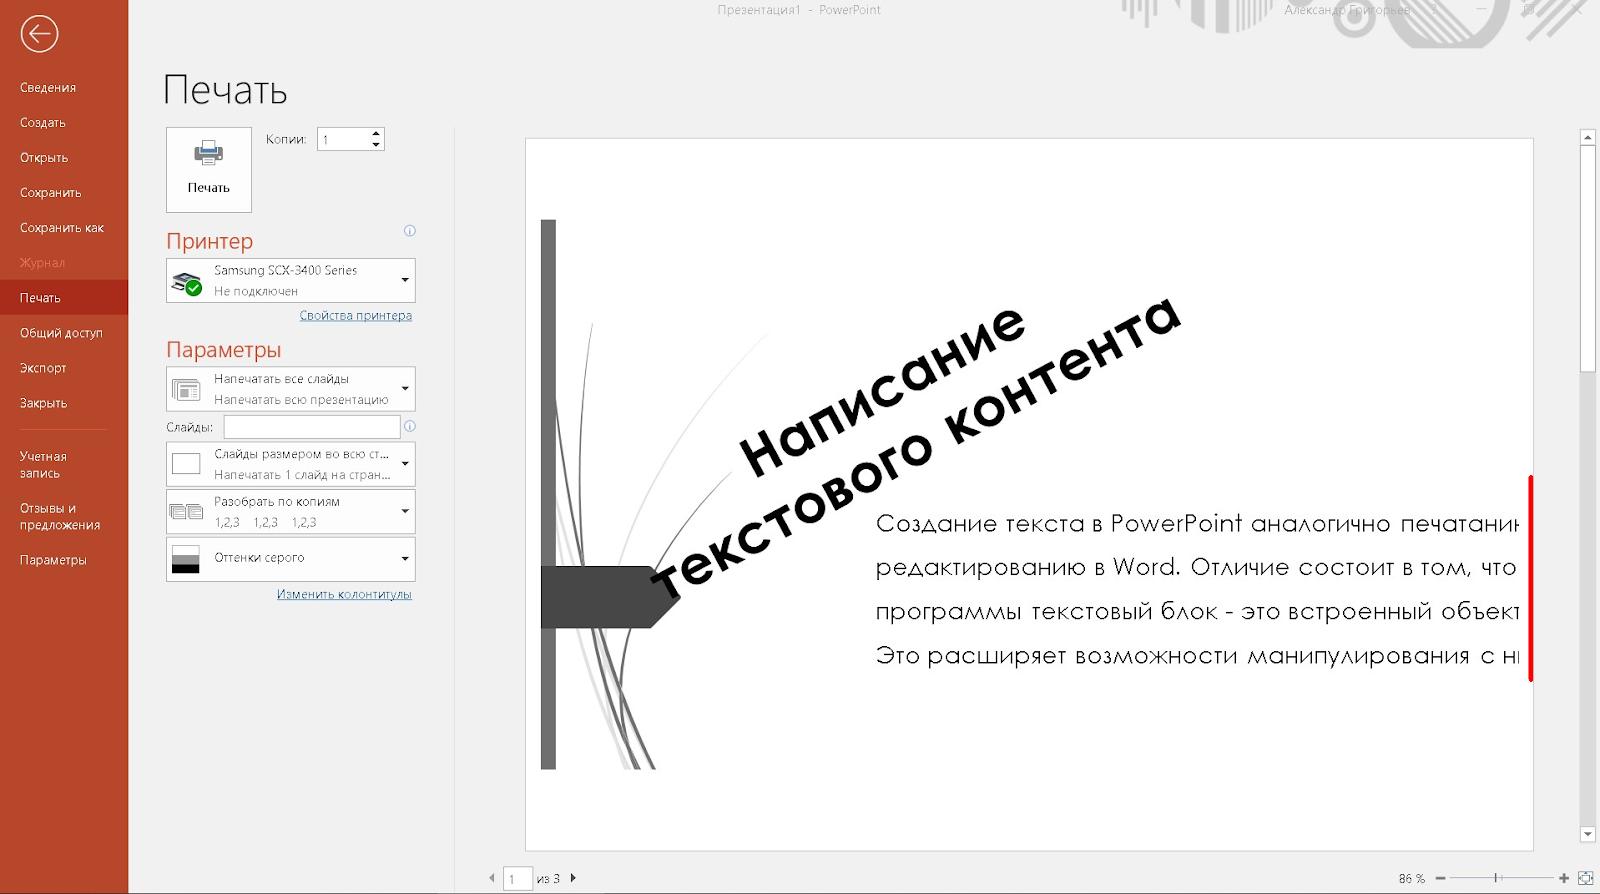 текст за границами листа презентации не будет напечатан